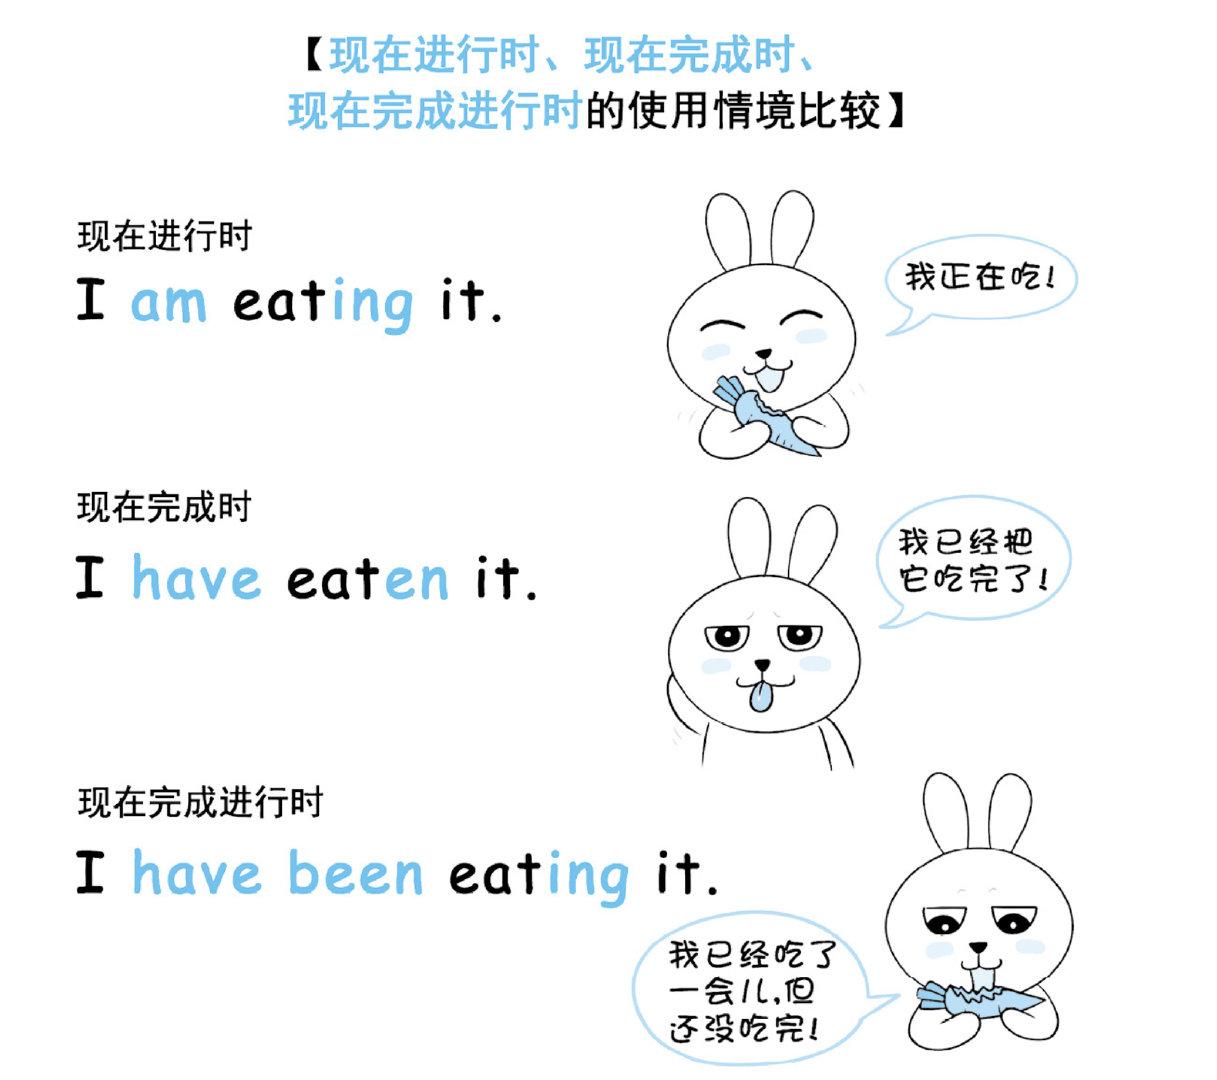 英语语法——学习条记(作为程序员,你的英语过关了吗?)